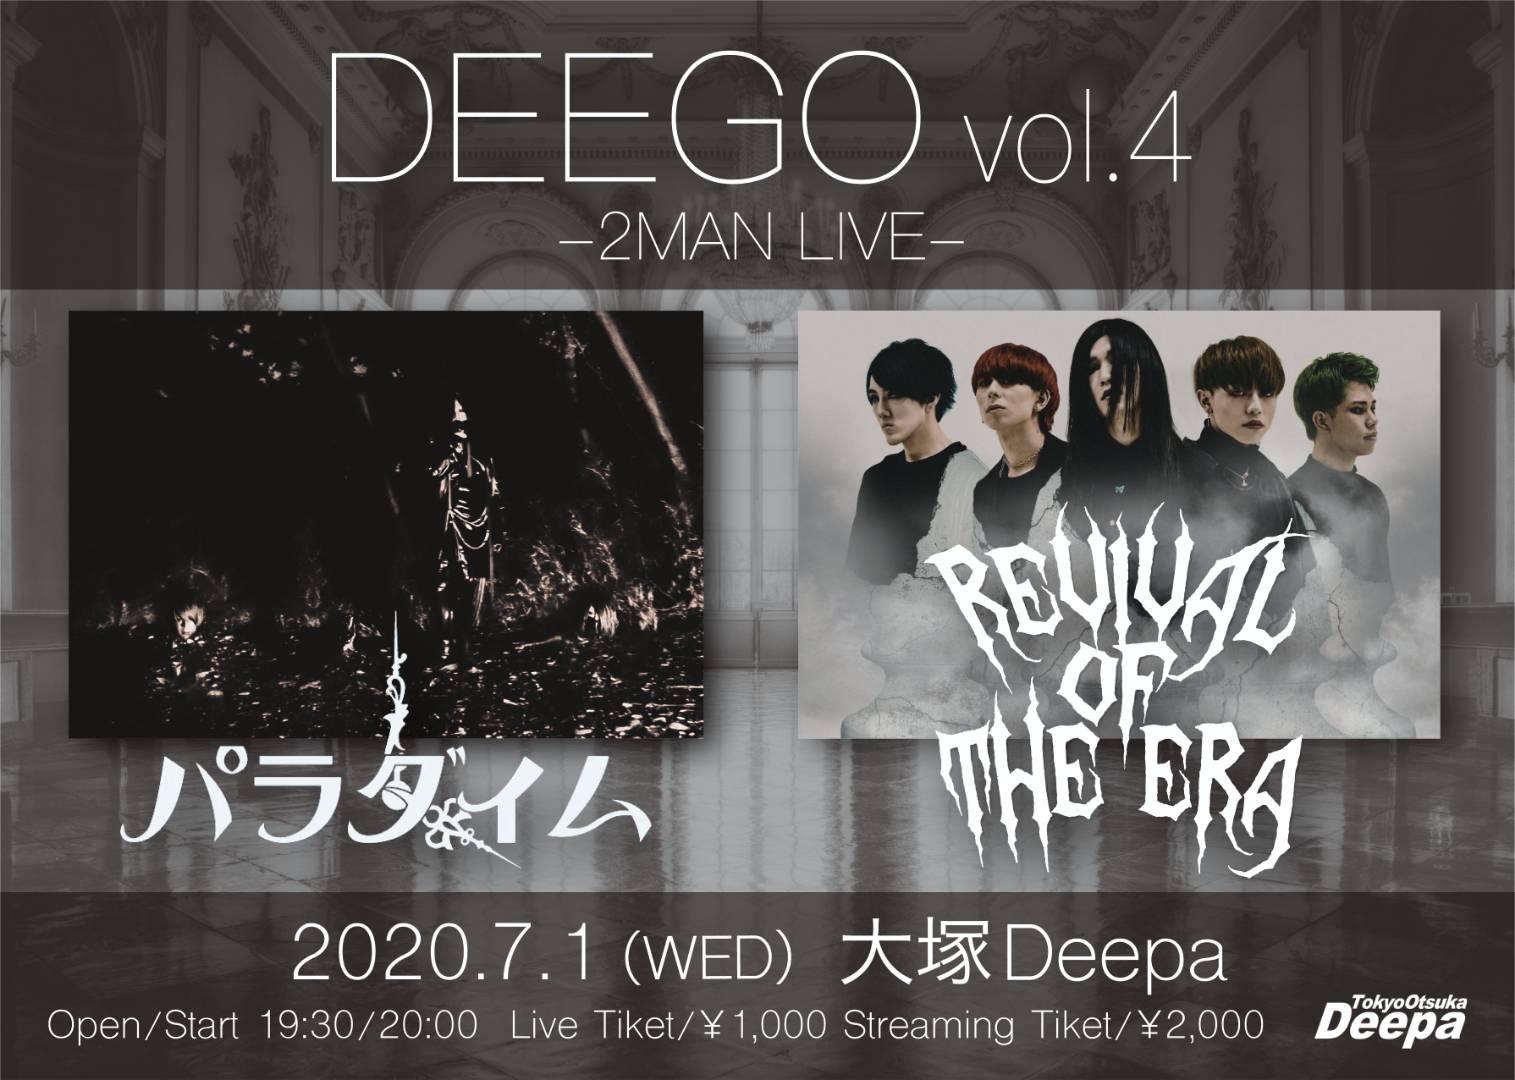 DEEGO Vol.4 -2MAN LIVE-